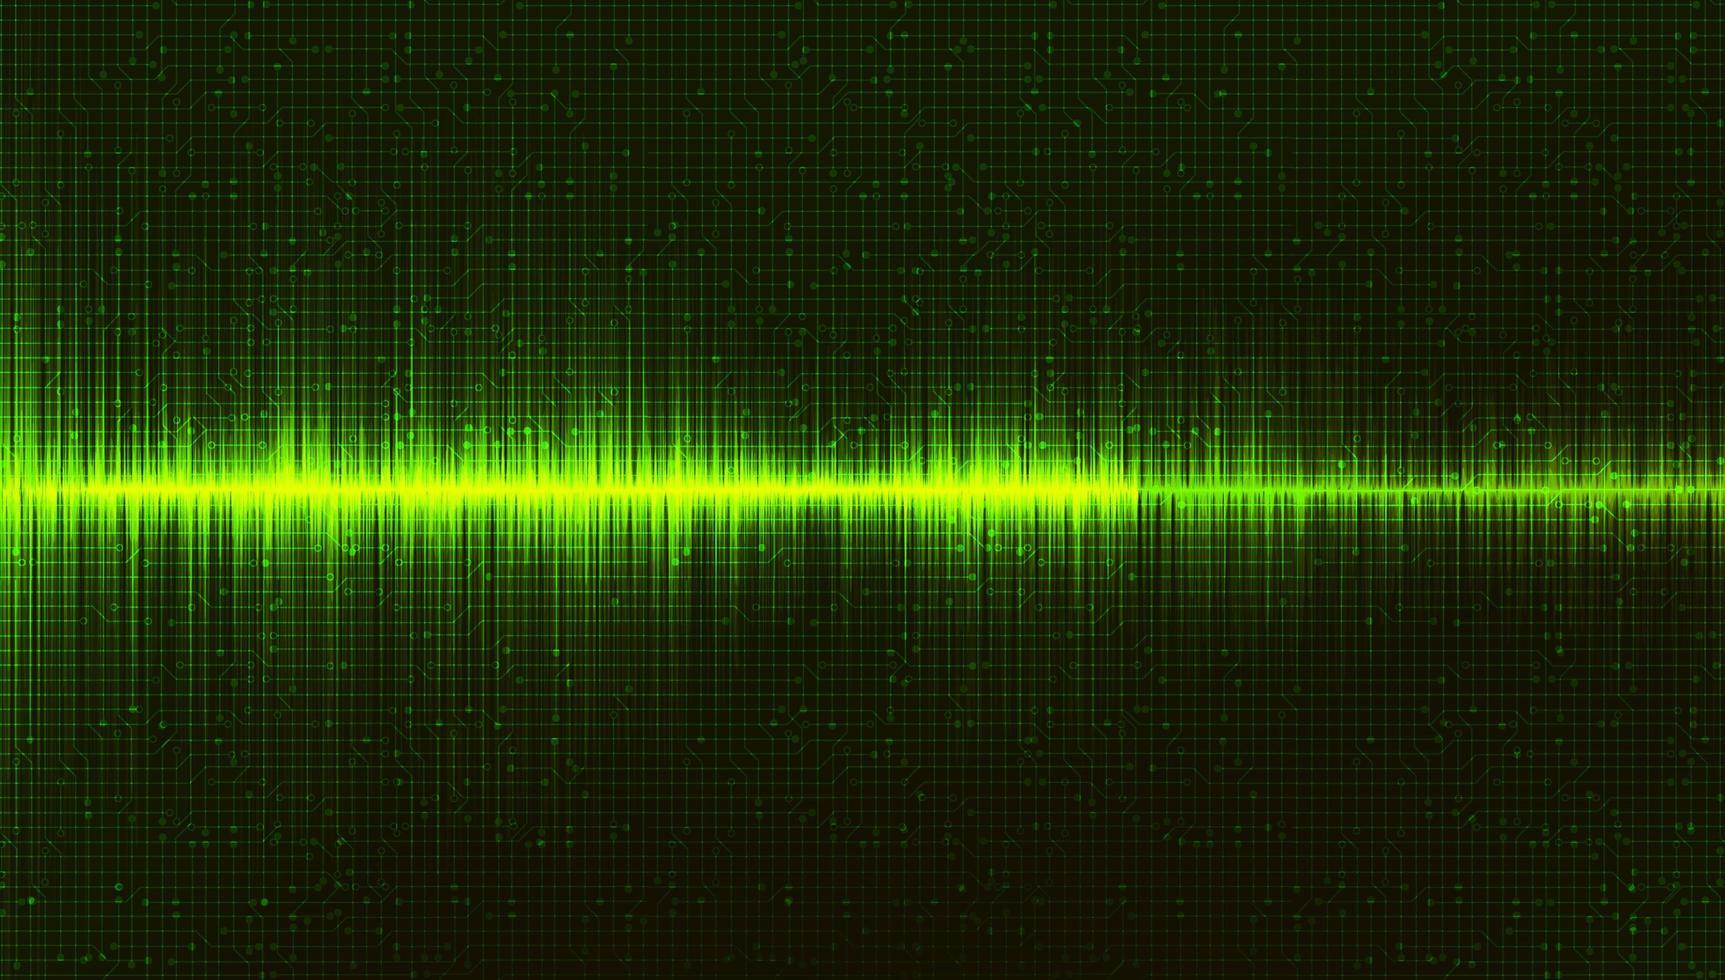 groene digitale geluidsgolfachtergrond, muziek en hi-tech diagramconcept vector